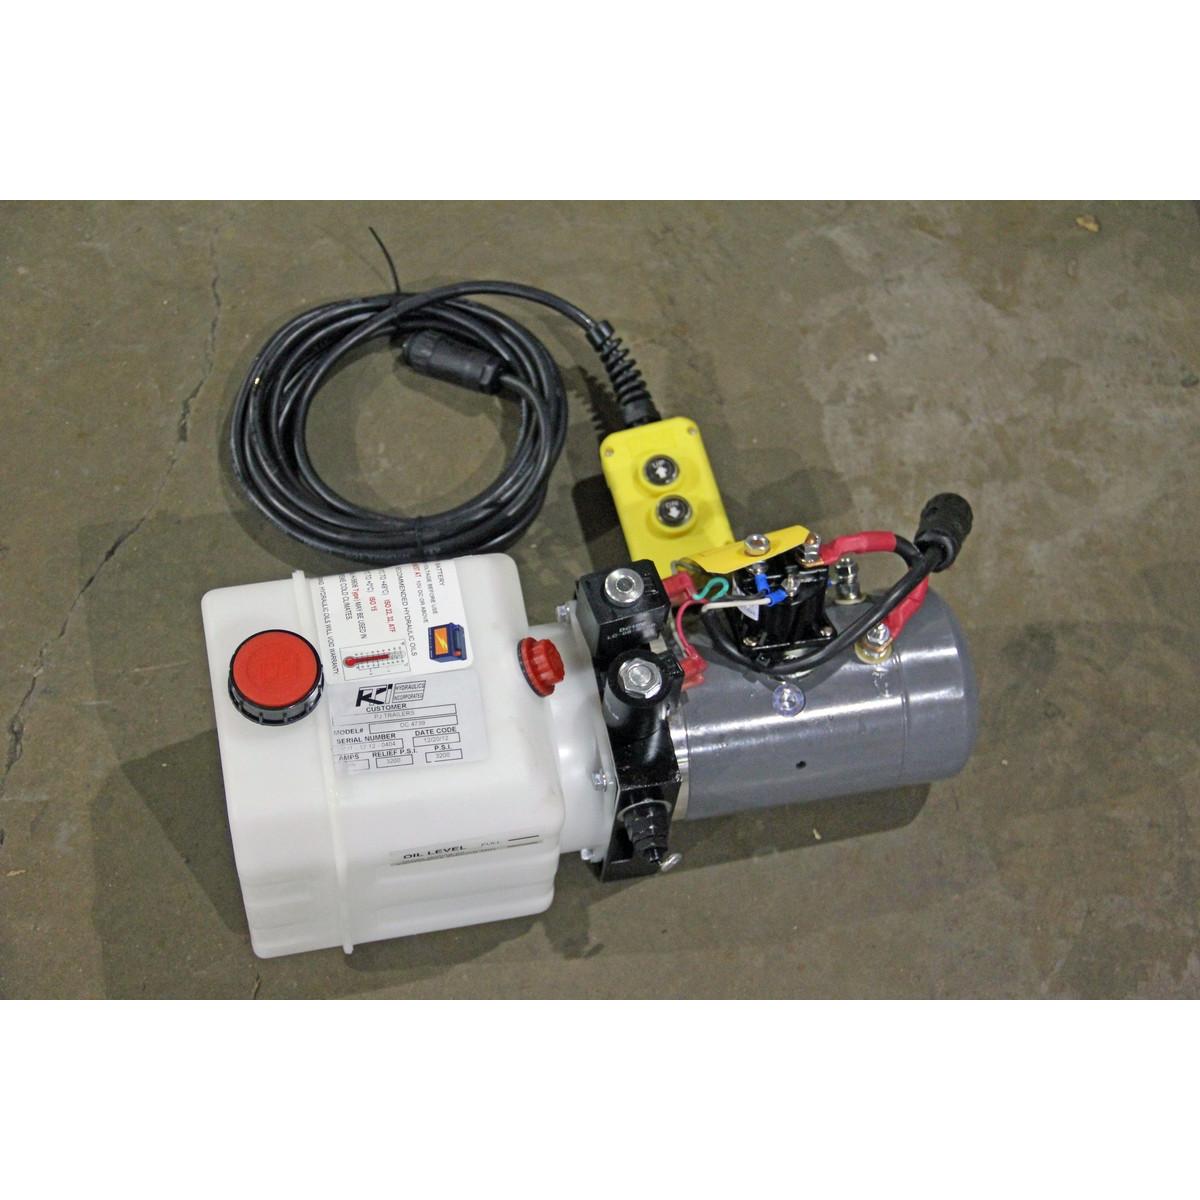 KTI Hydraulics 3 Quart Replacement Reservoir